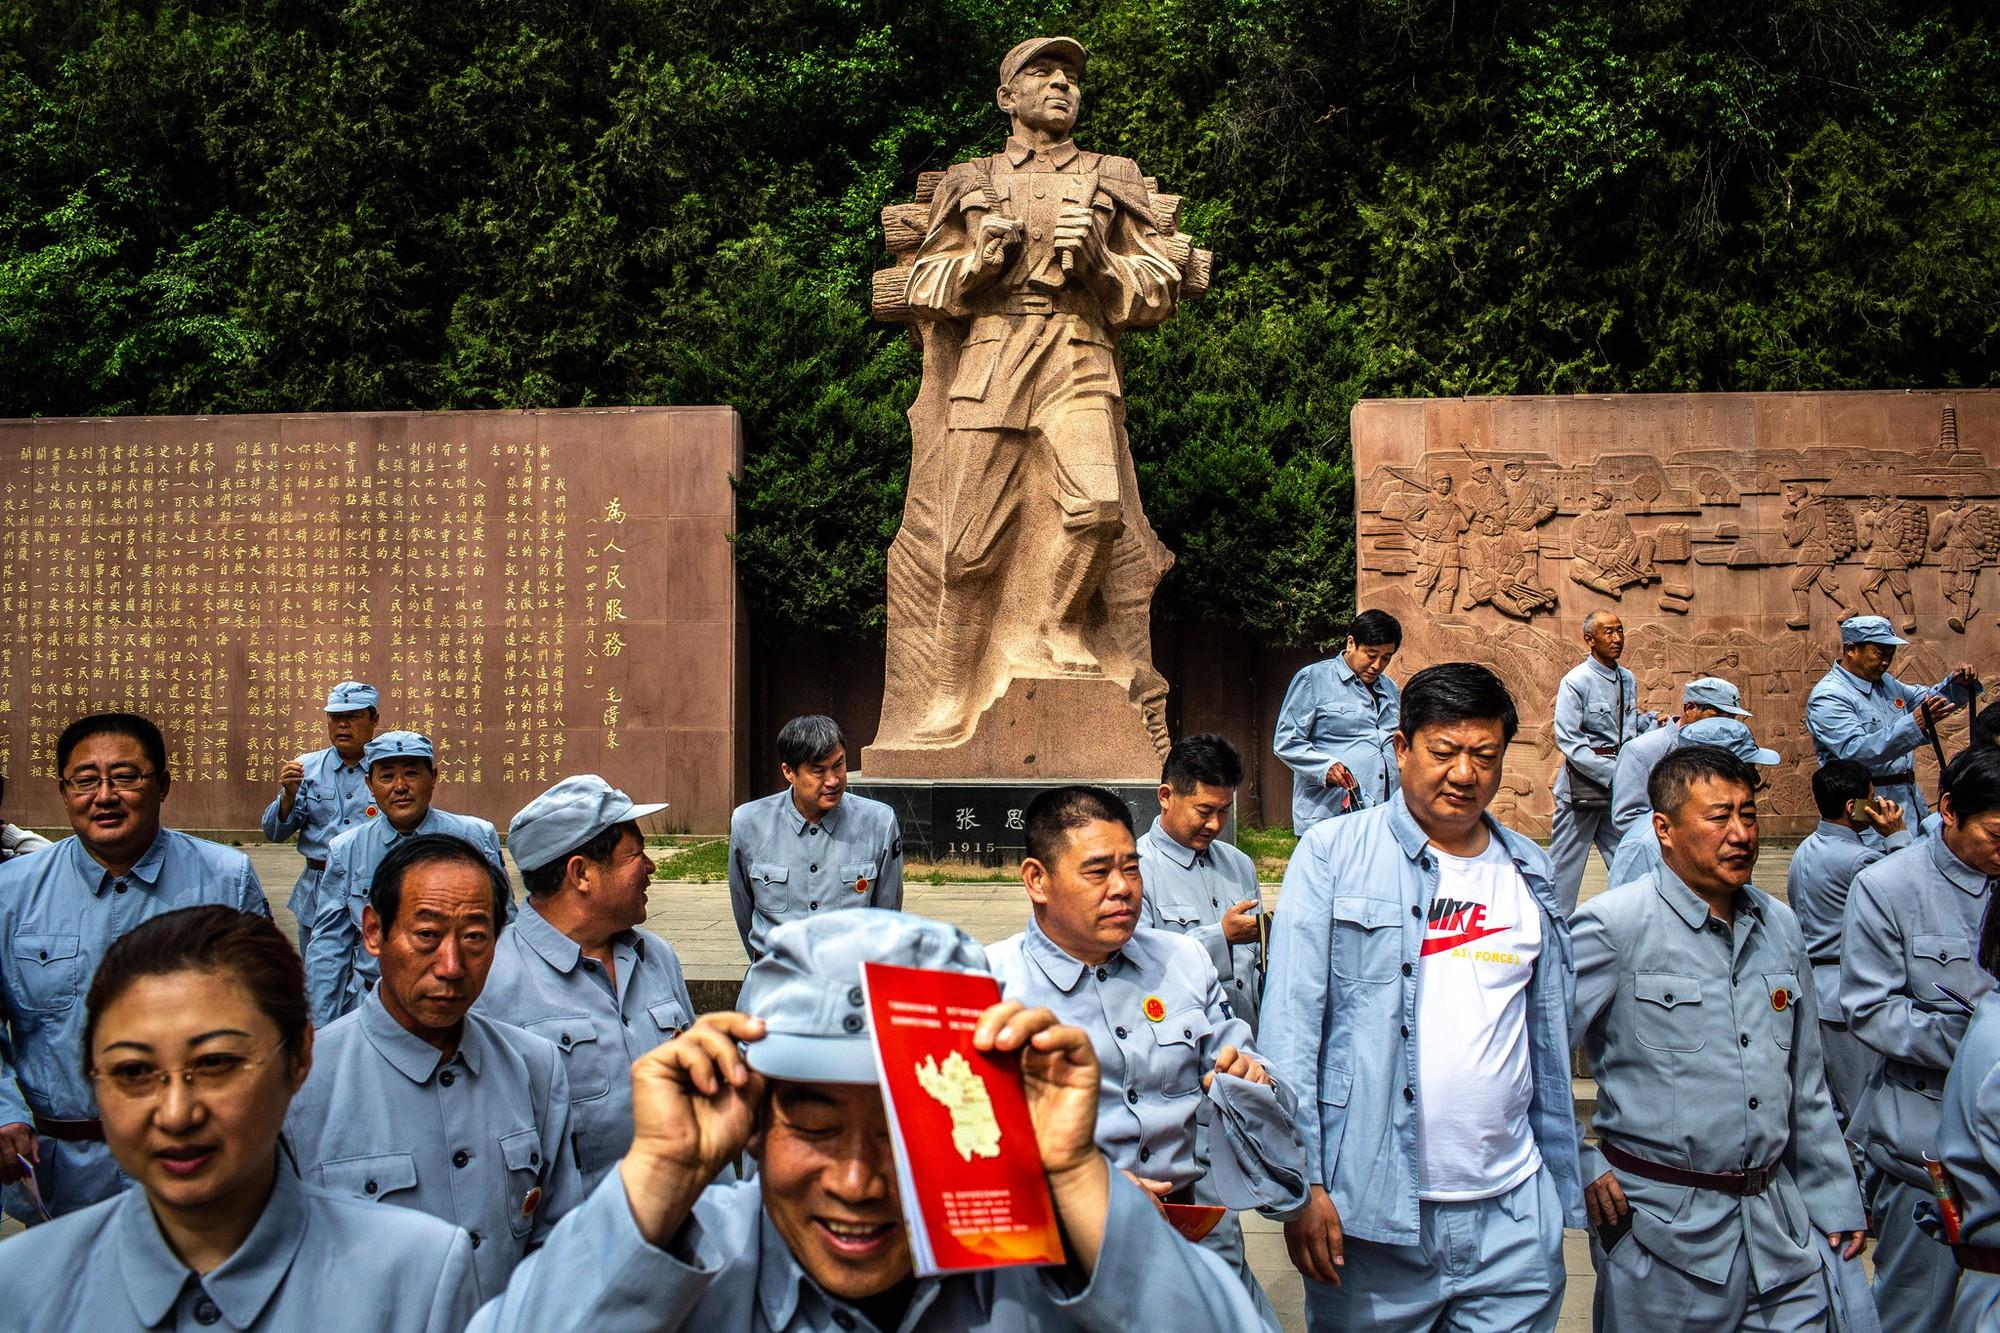 Trung Quốc: Đất nước thất bại trong việc thất bại - Ảnh 3.